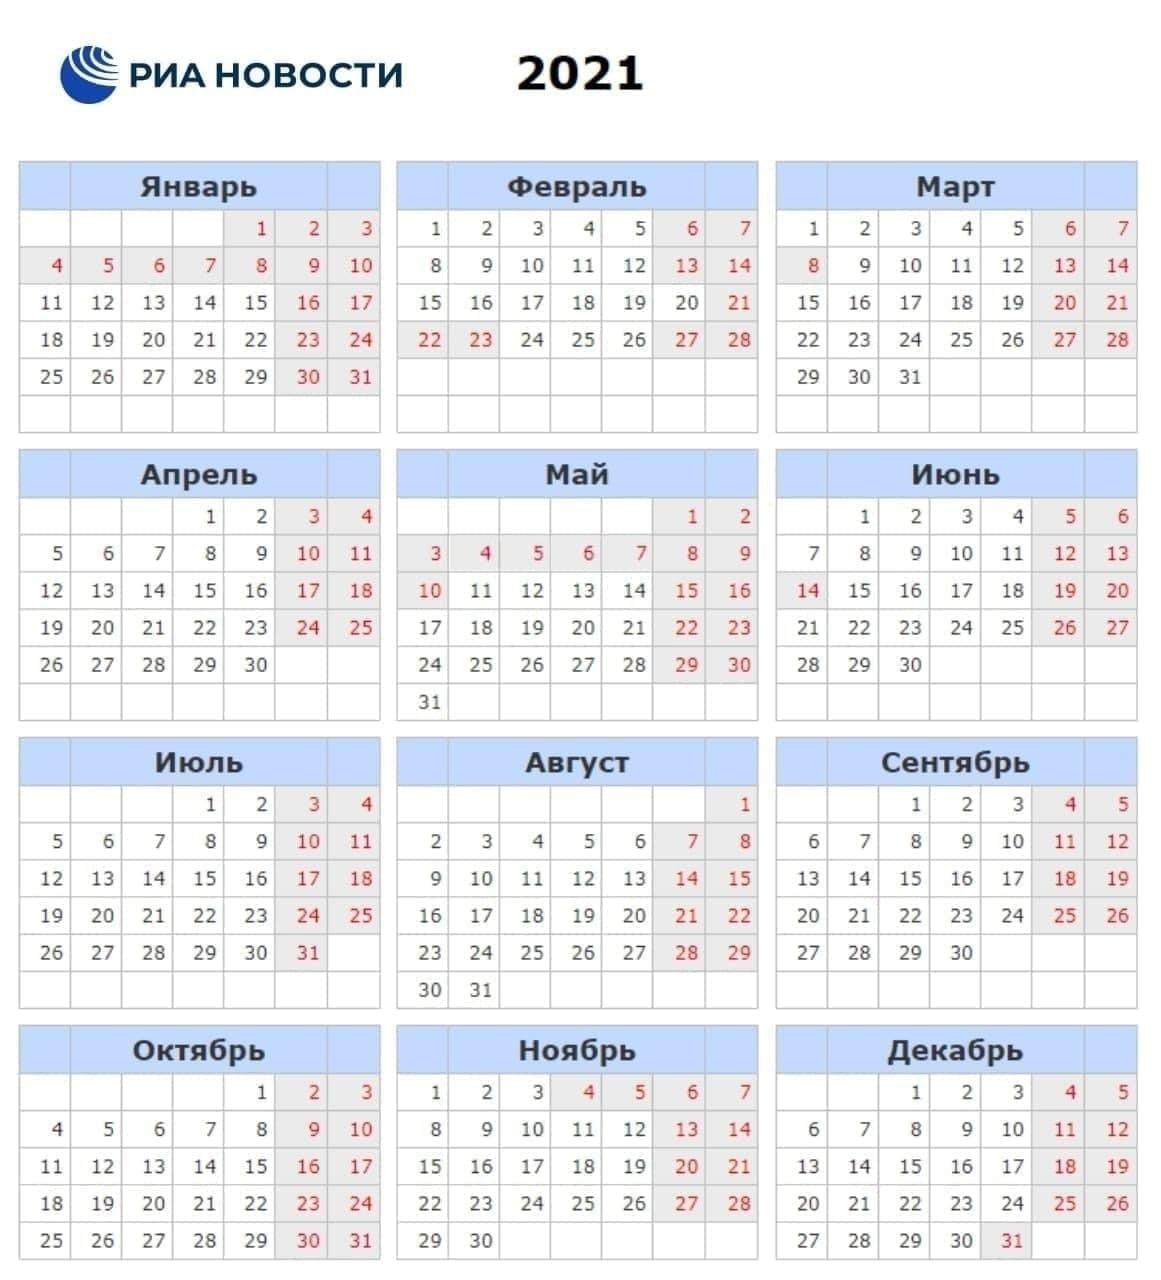 Обновленный календарь на 2021 год.